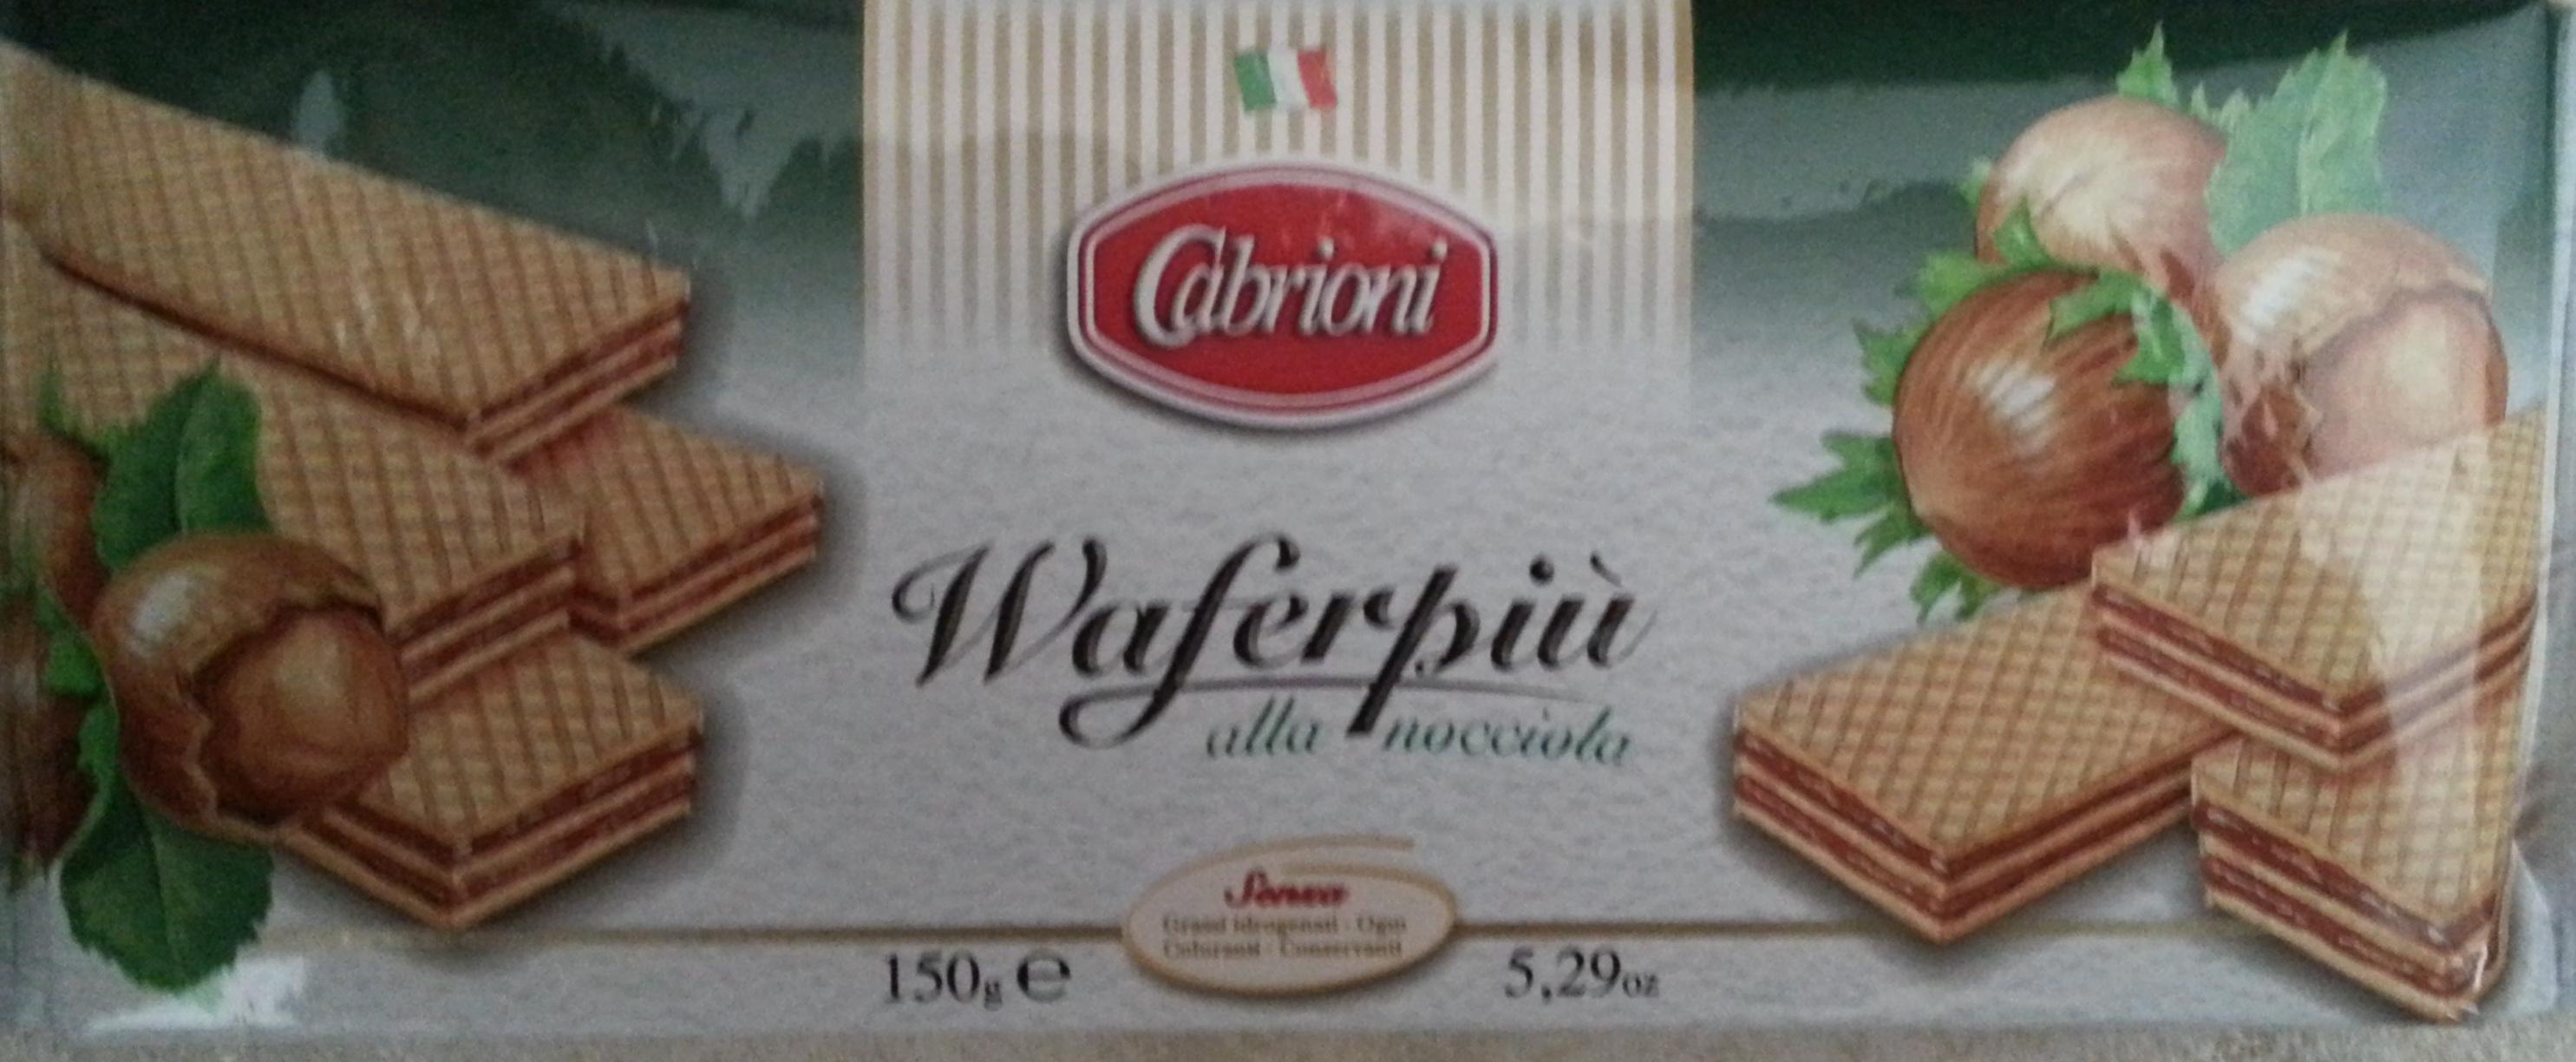 Waferpiù alla nocciola - Product